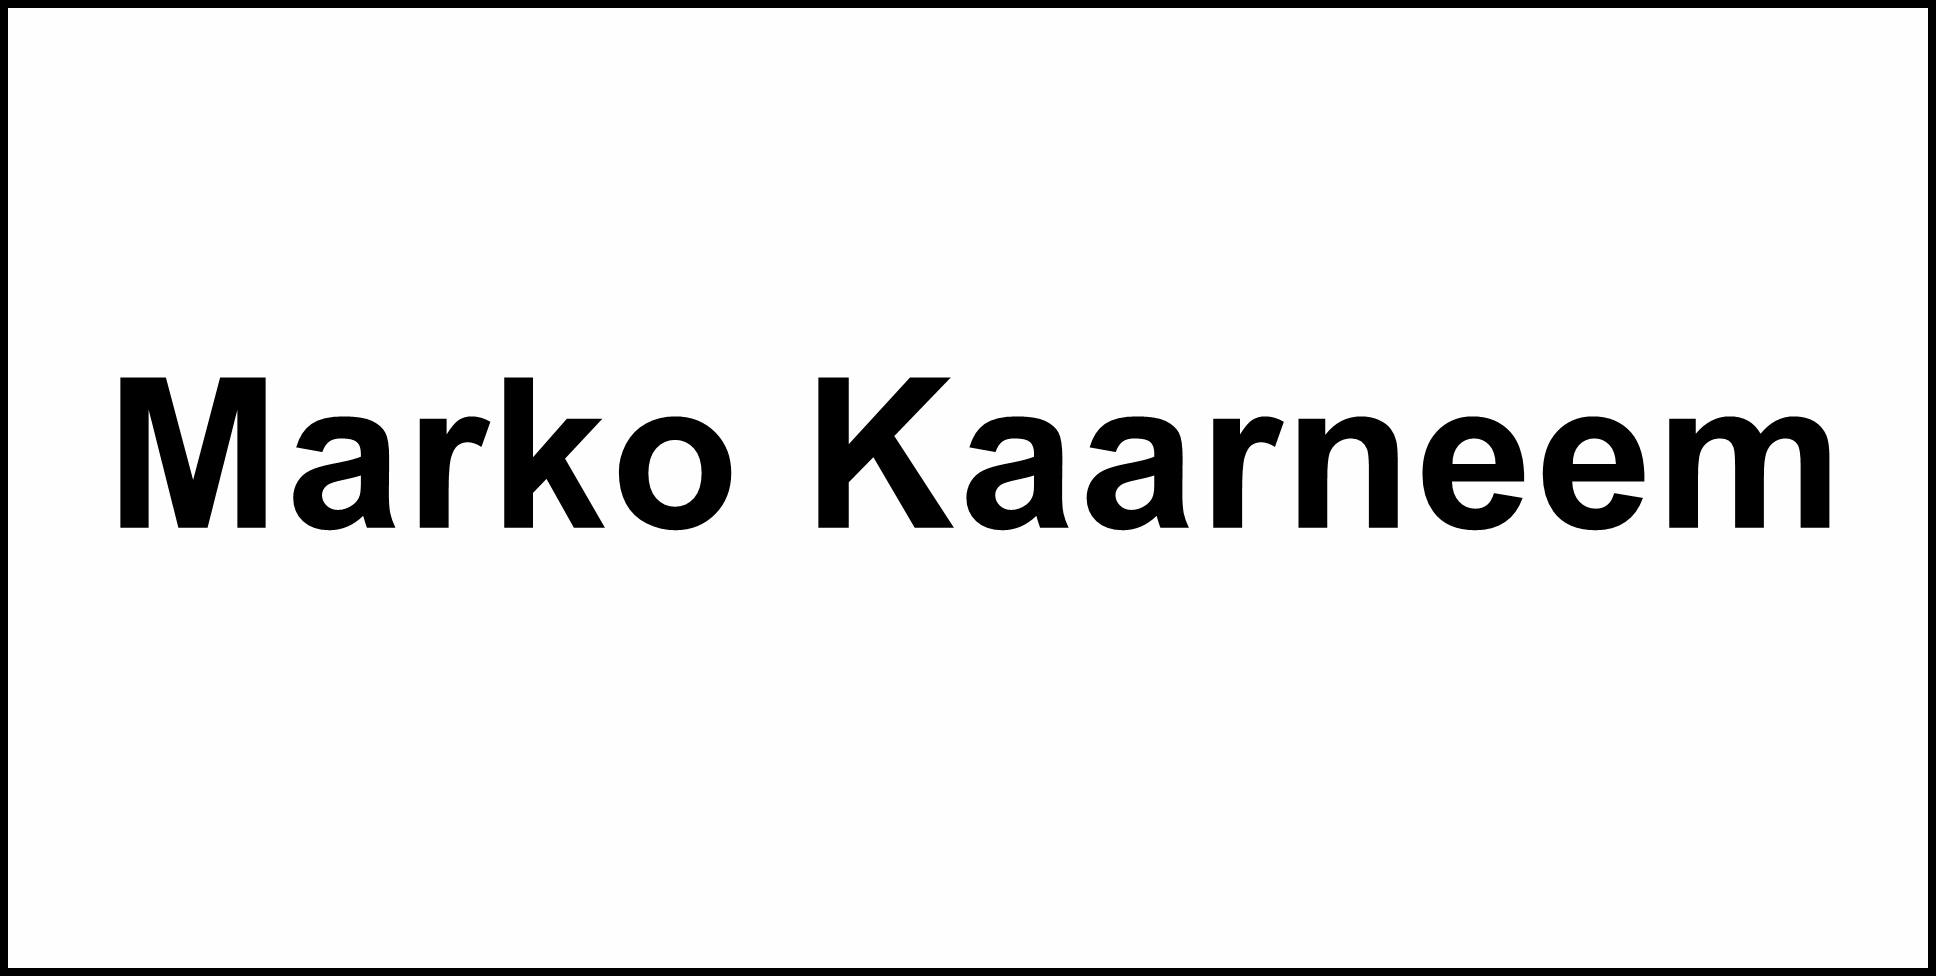 Marko Kaarneem